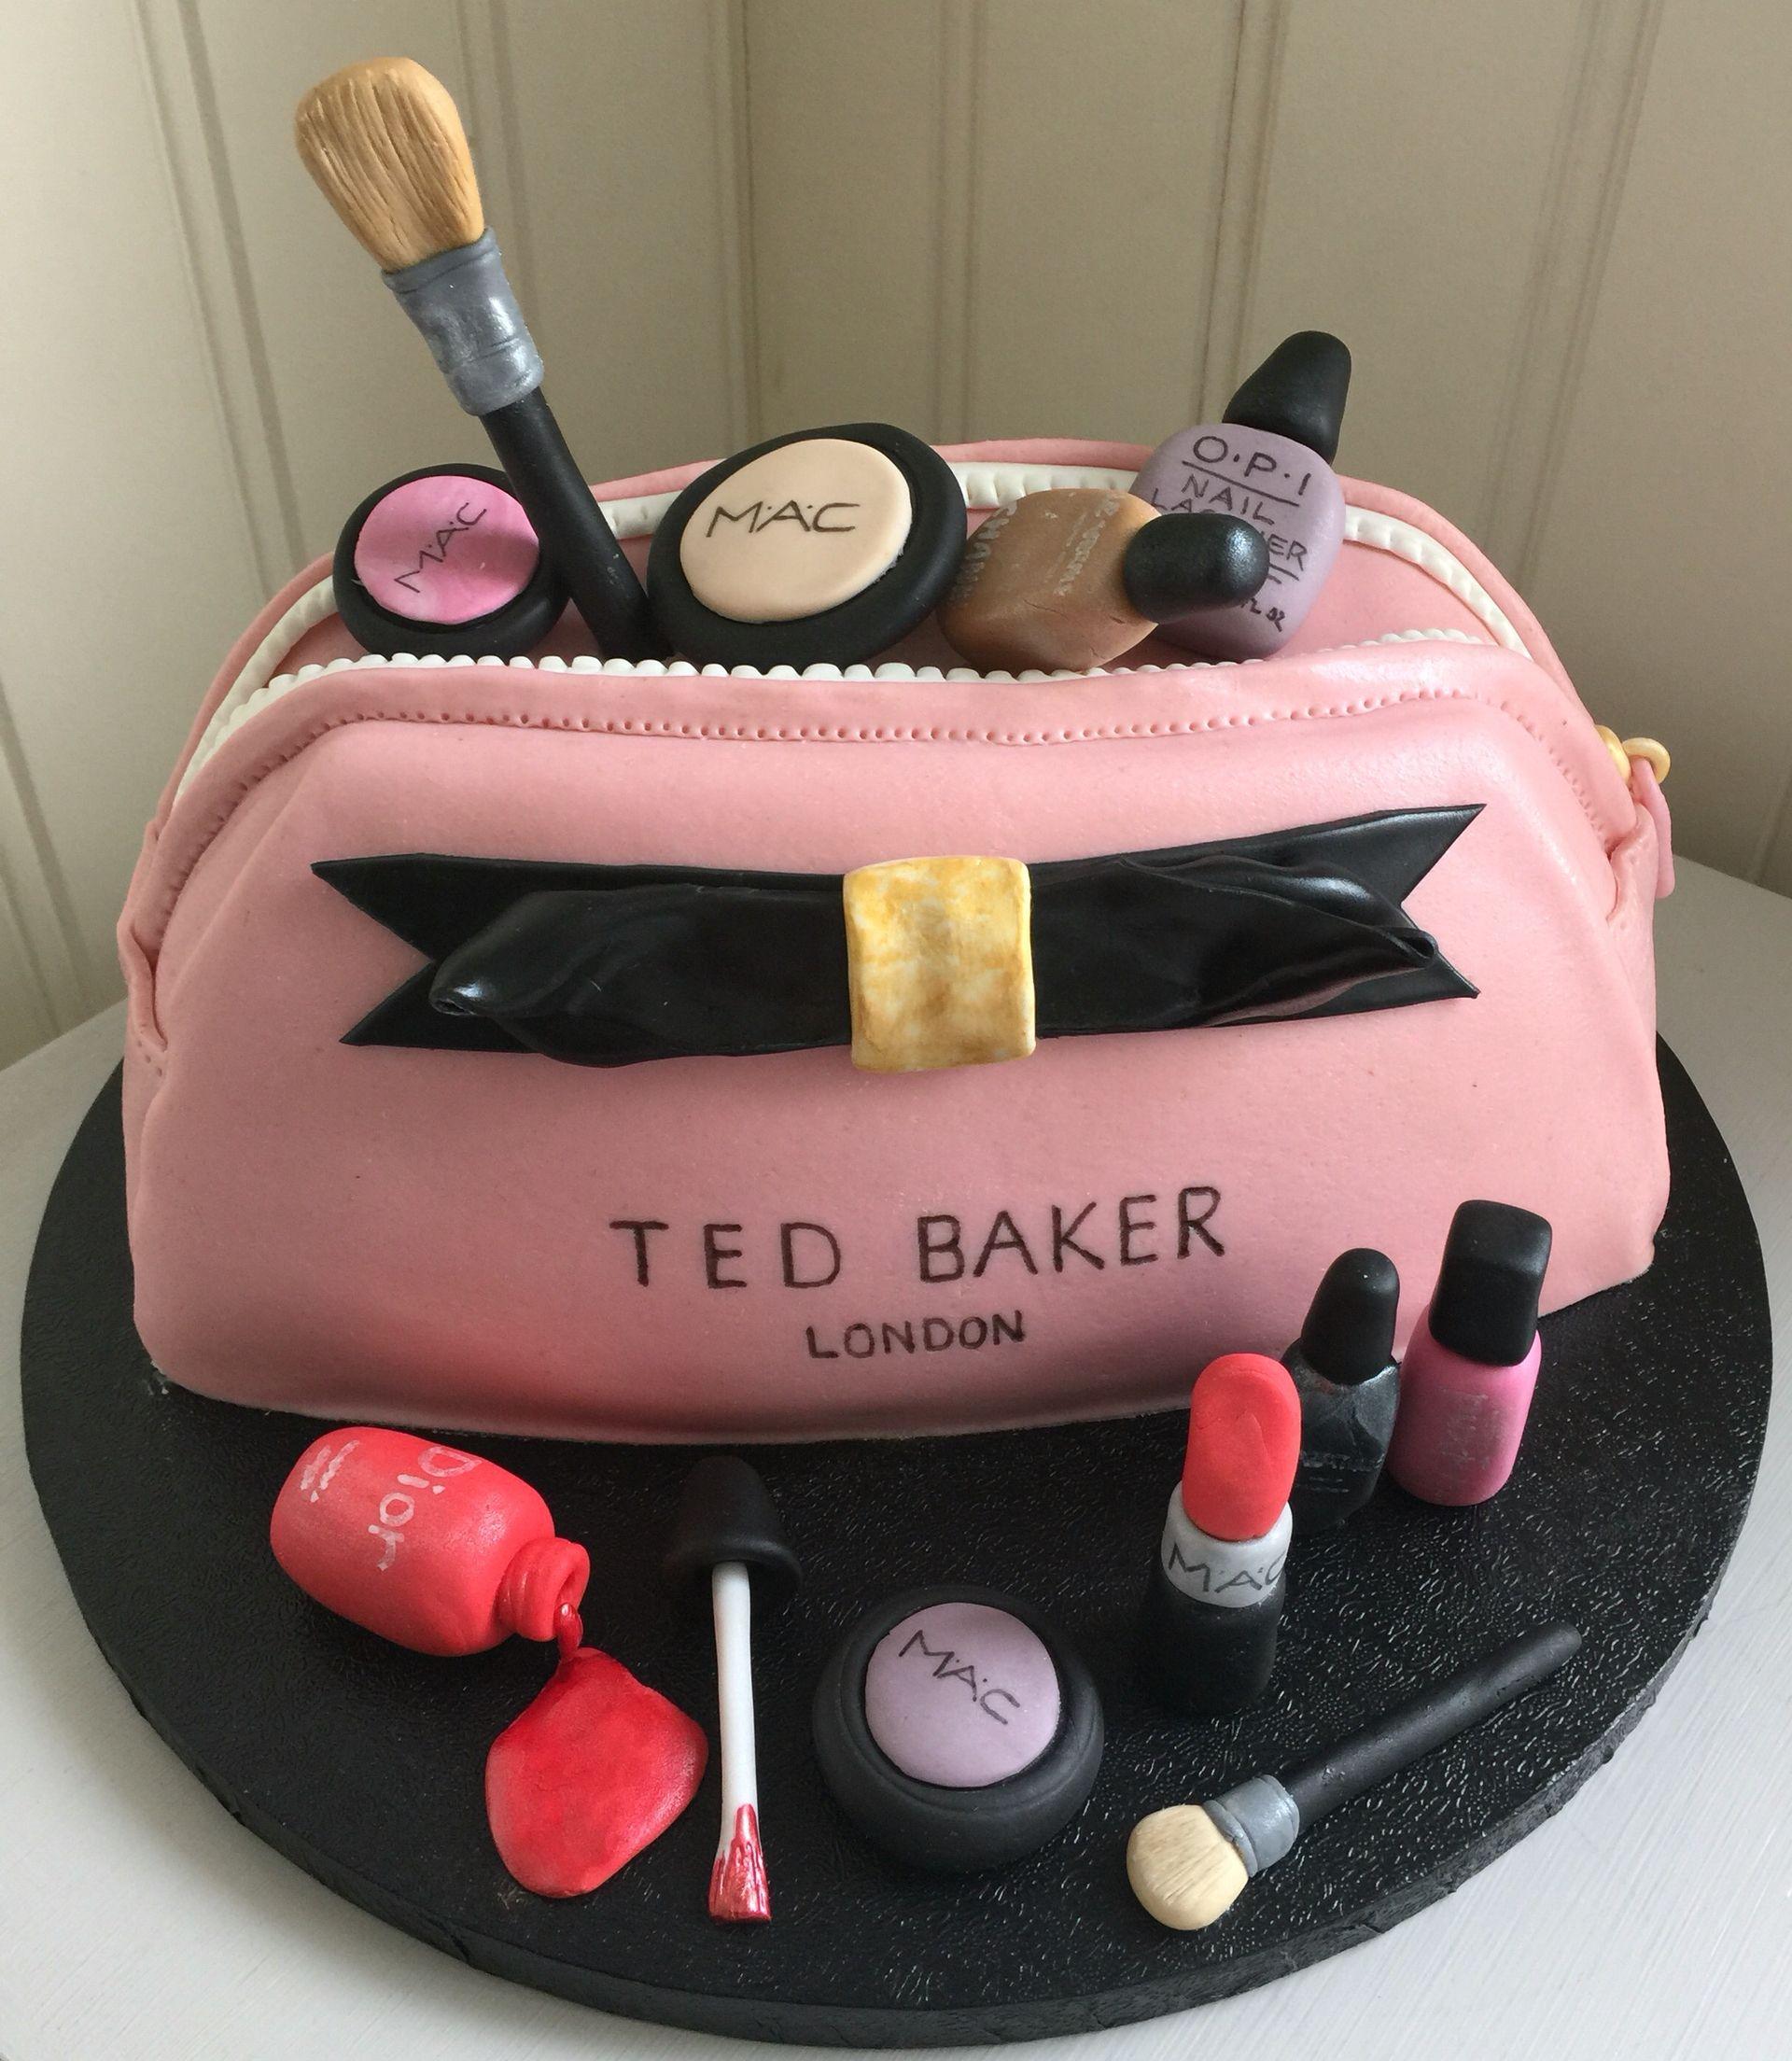 Make up bag Ted Baker cake My homemade cakes Pinterest